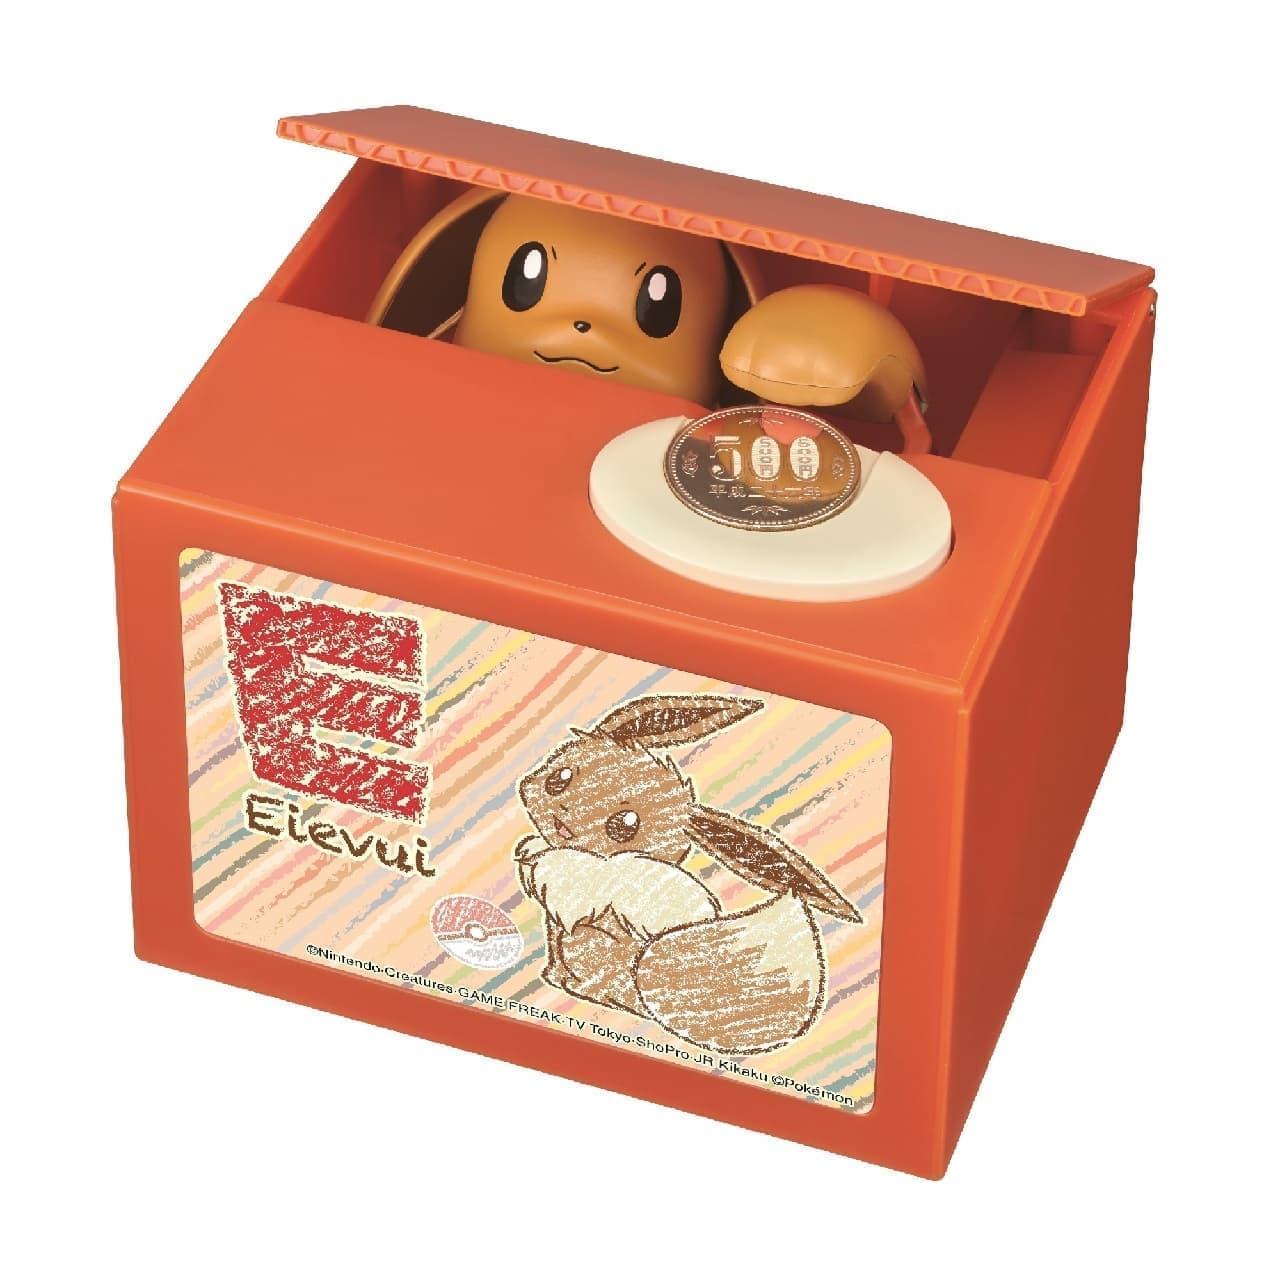 お金を置くたびにイーブイ登場!楽しい貯金箱「イーブイバンク」 -- 500円硬貨を約40枚収納